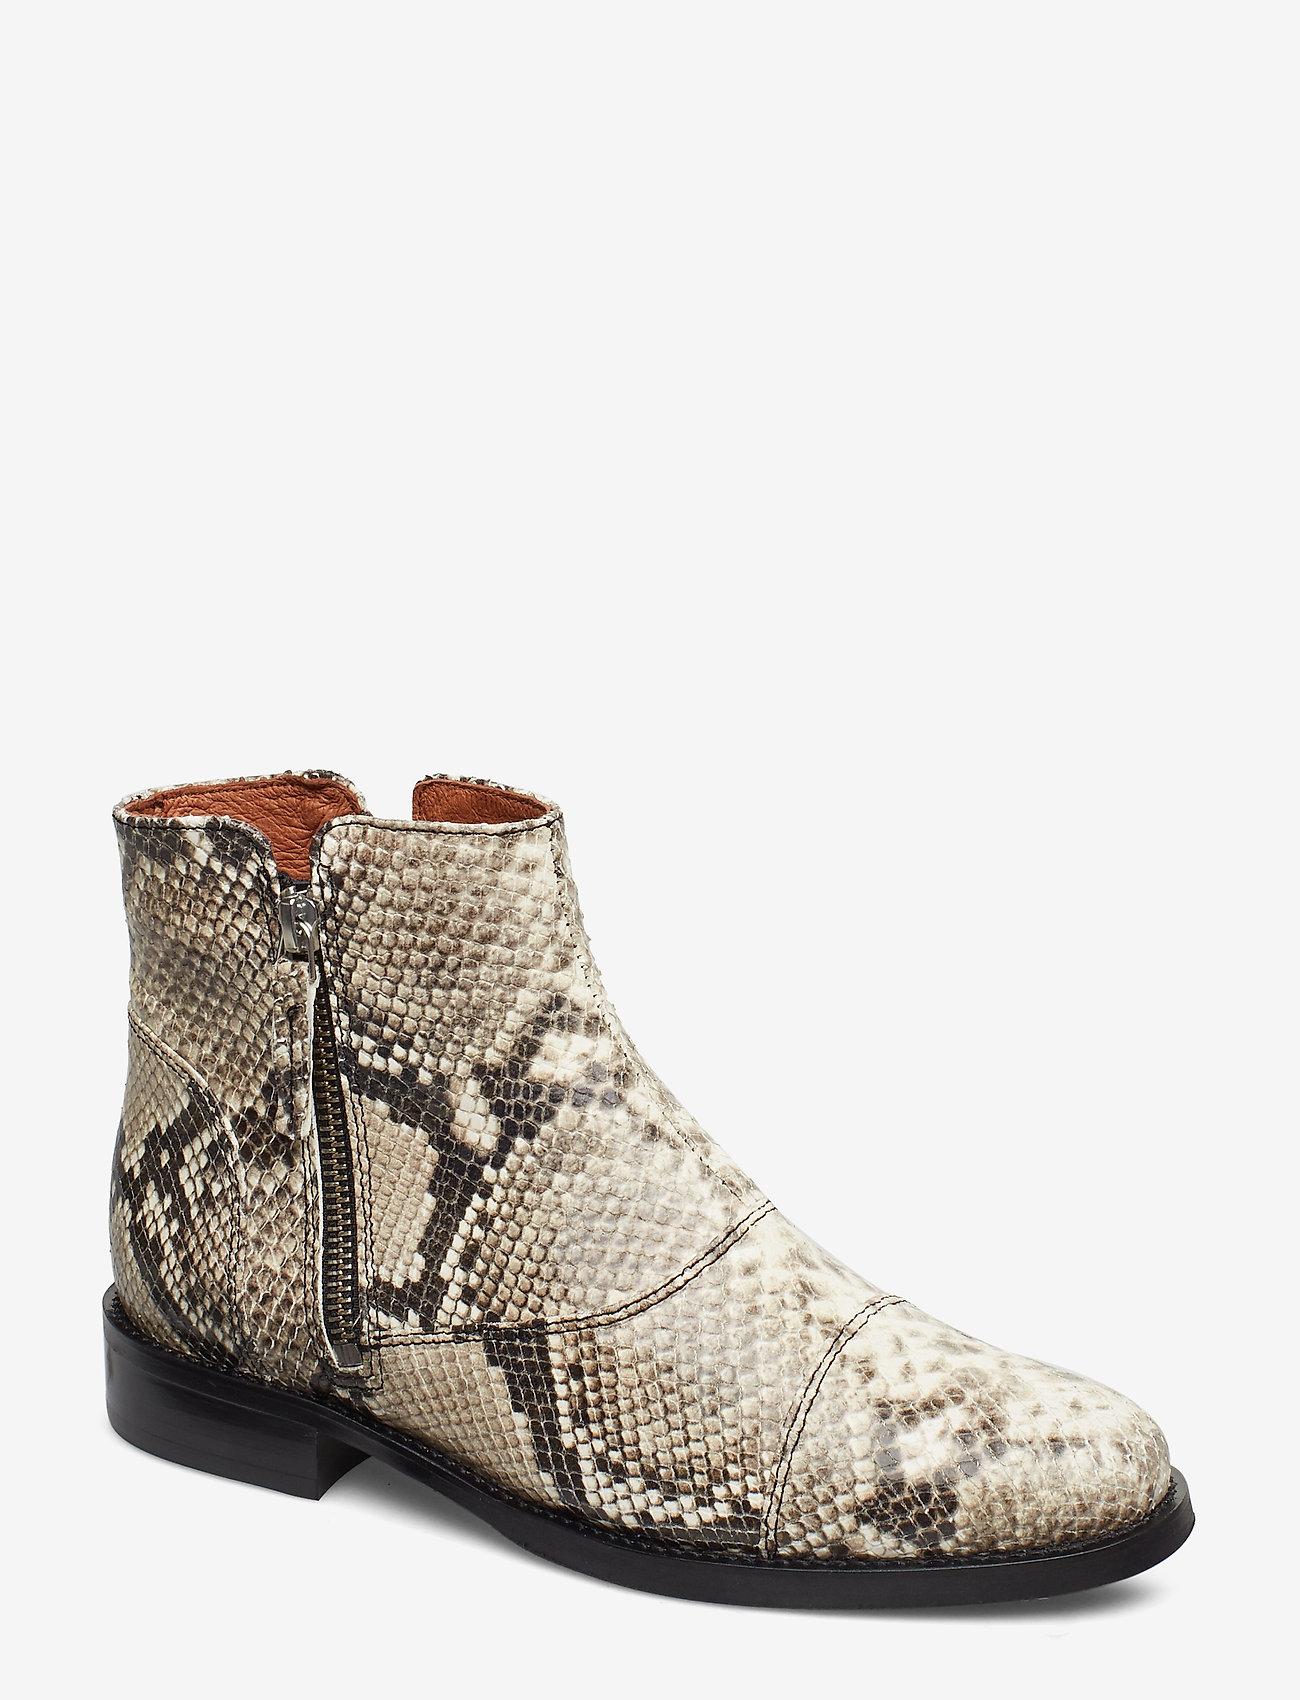 Billi Bi - BOOTS - flate ankelstøvletter - off white snake/silver 33 x - 0